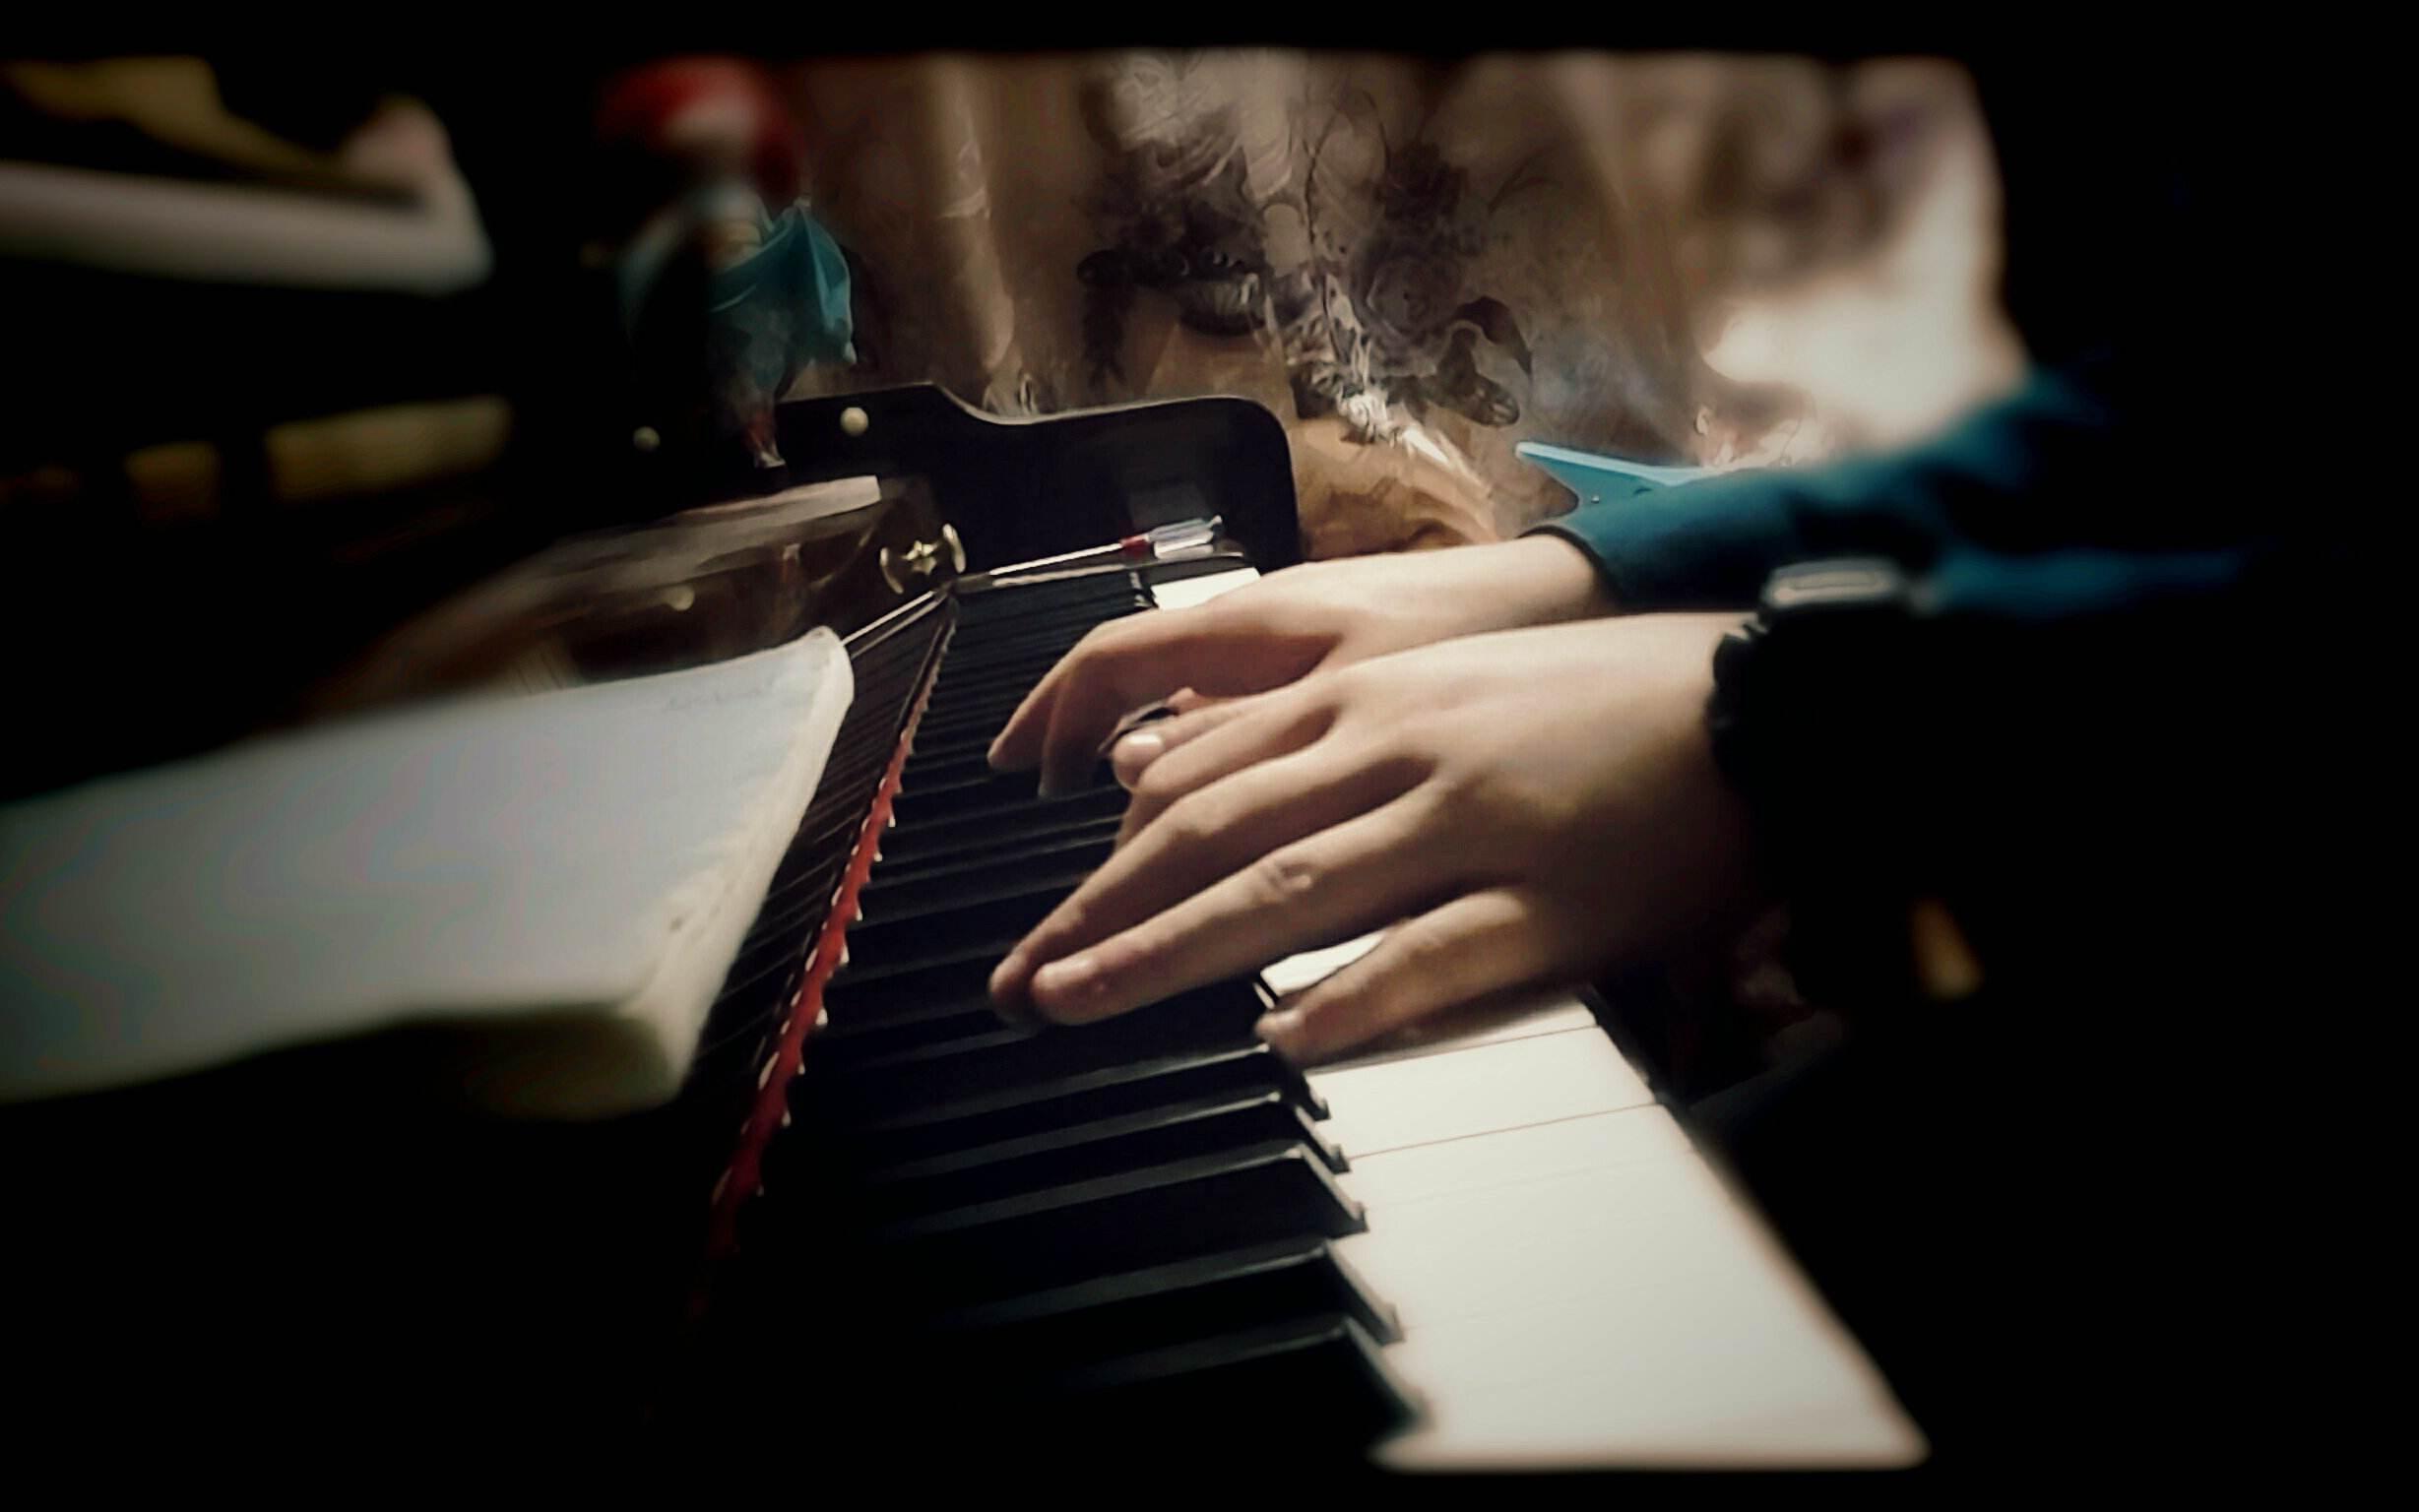 很久不弹钢琴了,想要恢复以前水平应该如何训练呢?